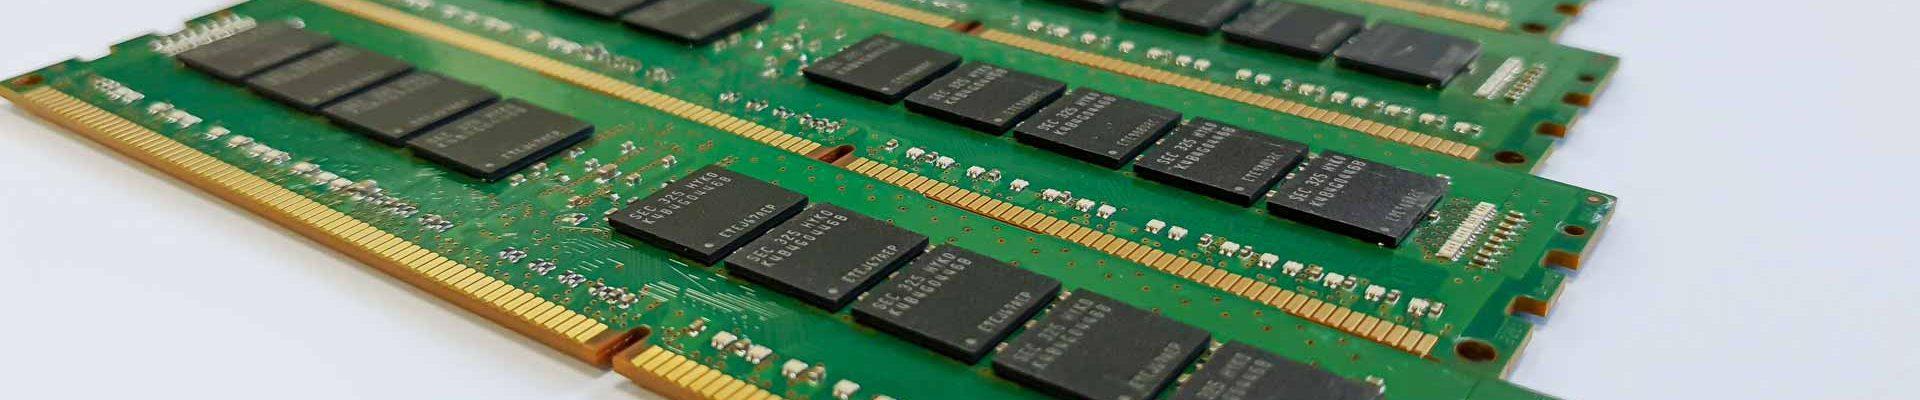 Unterschied RAM und ROM